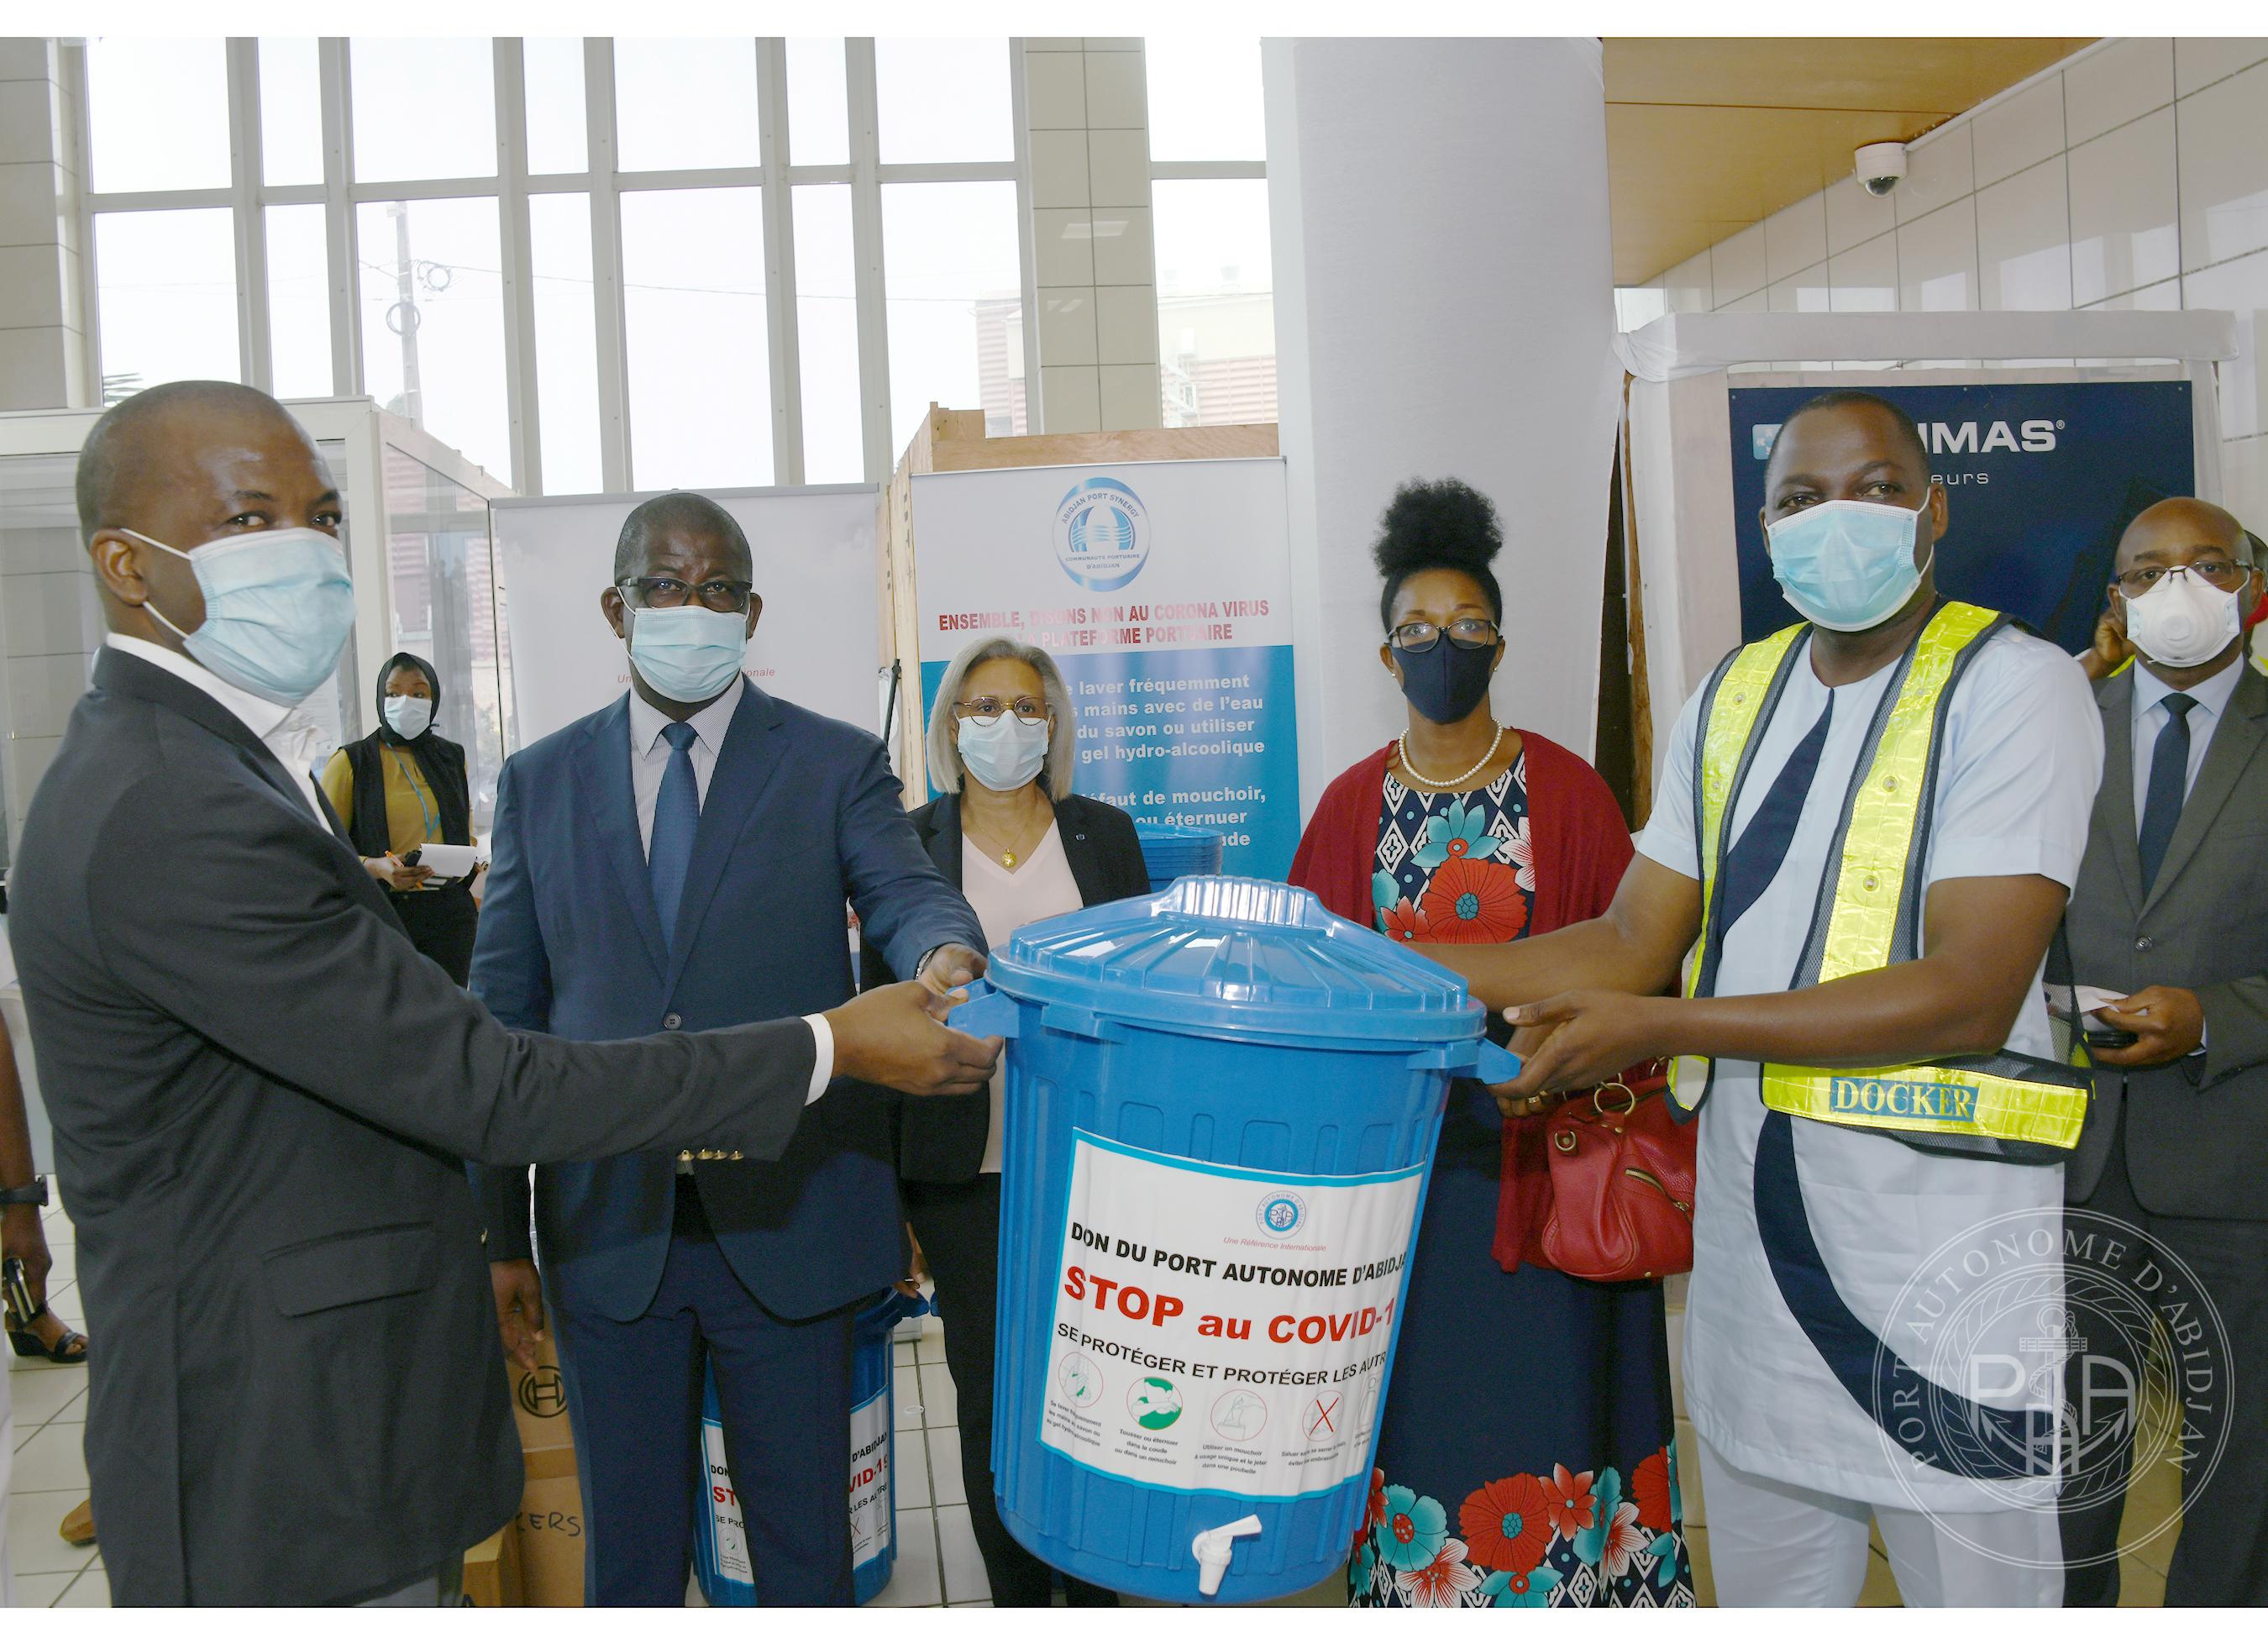 Lutte contre le coronavirus en zone portuaire le Port Autonome d'Abidjan aux côtés des dockers